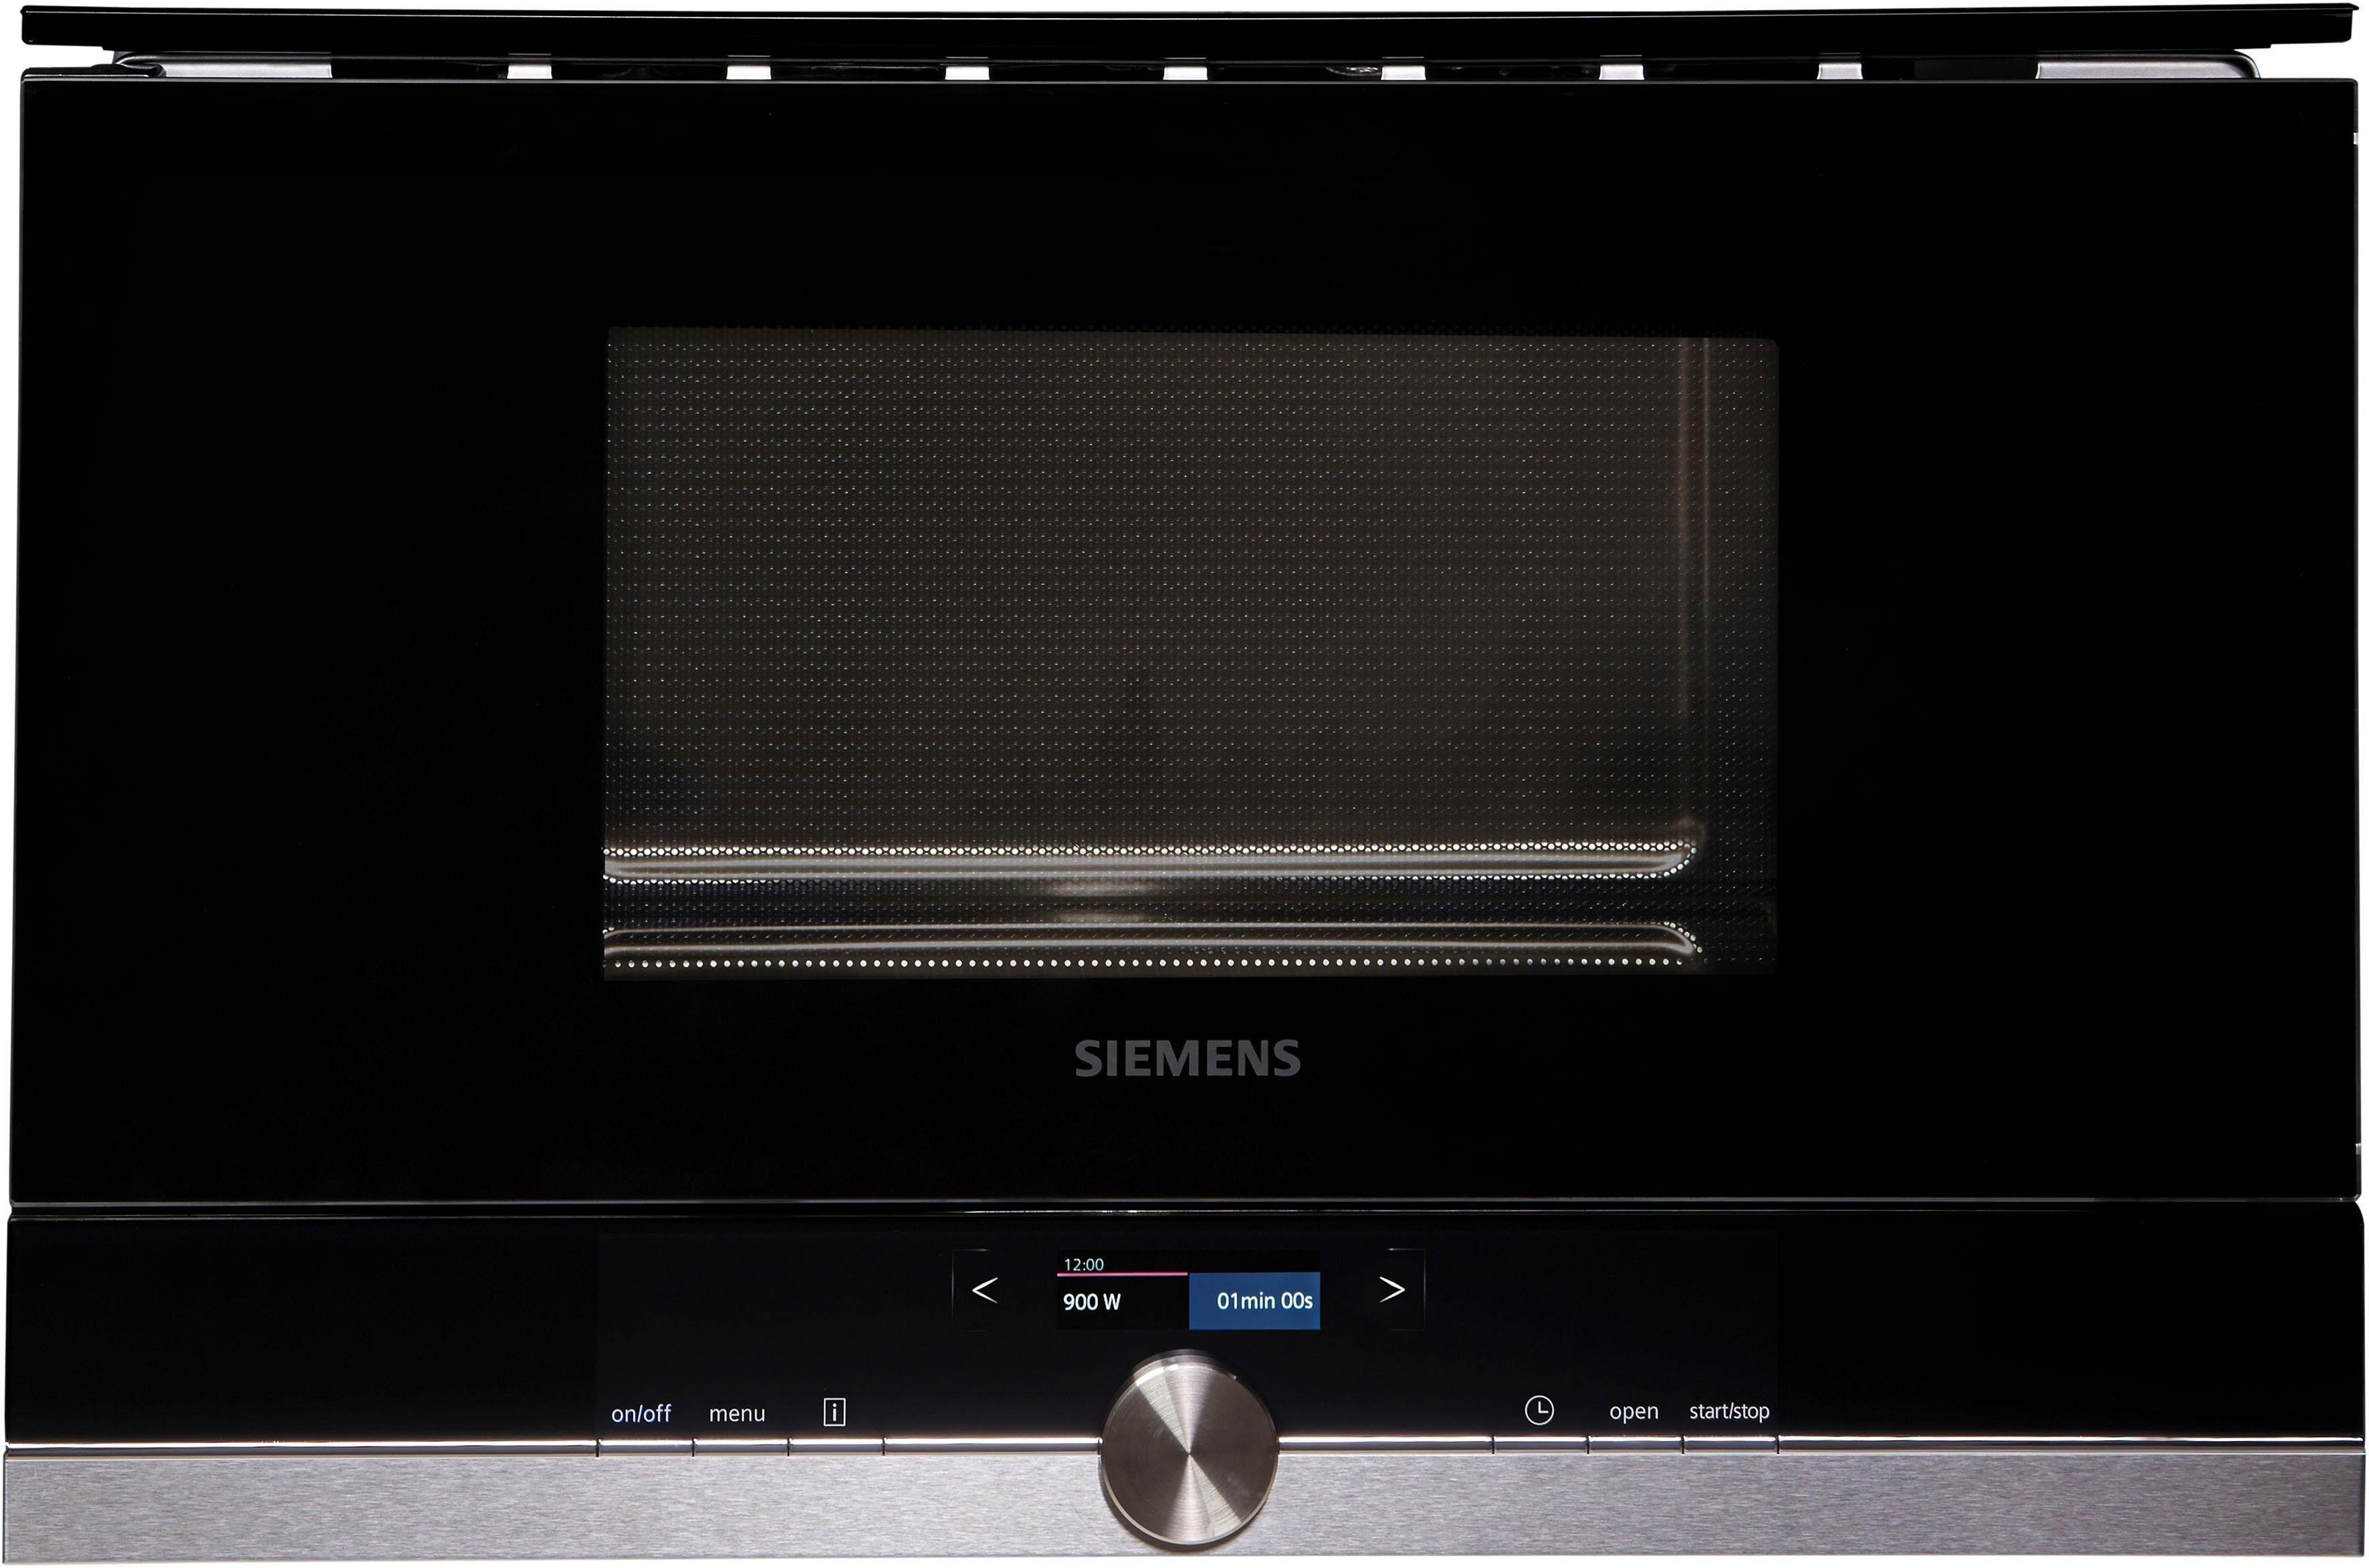 Siemens Kühlschrank Otto : Siemens einbaumikrowellen online kaufen otto